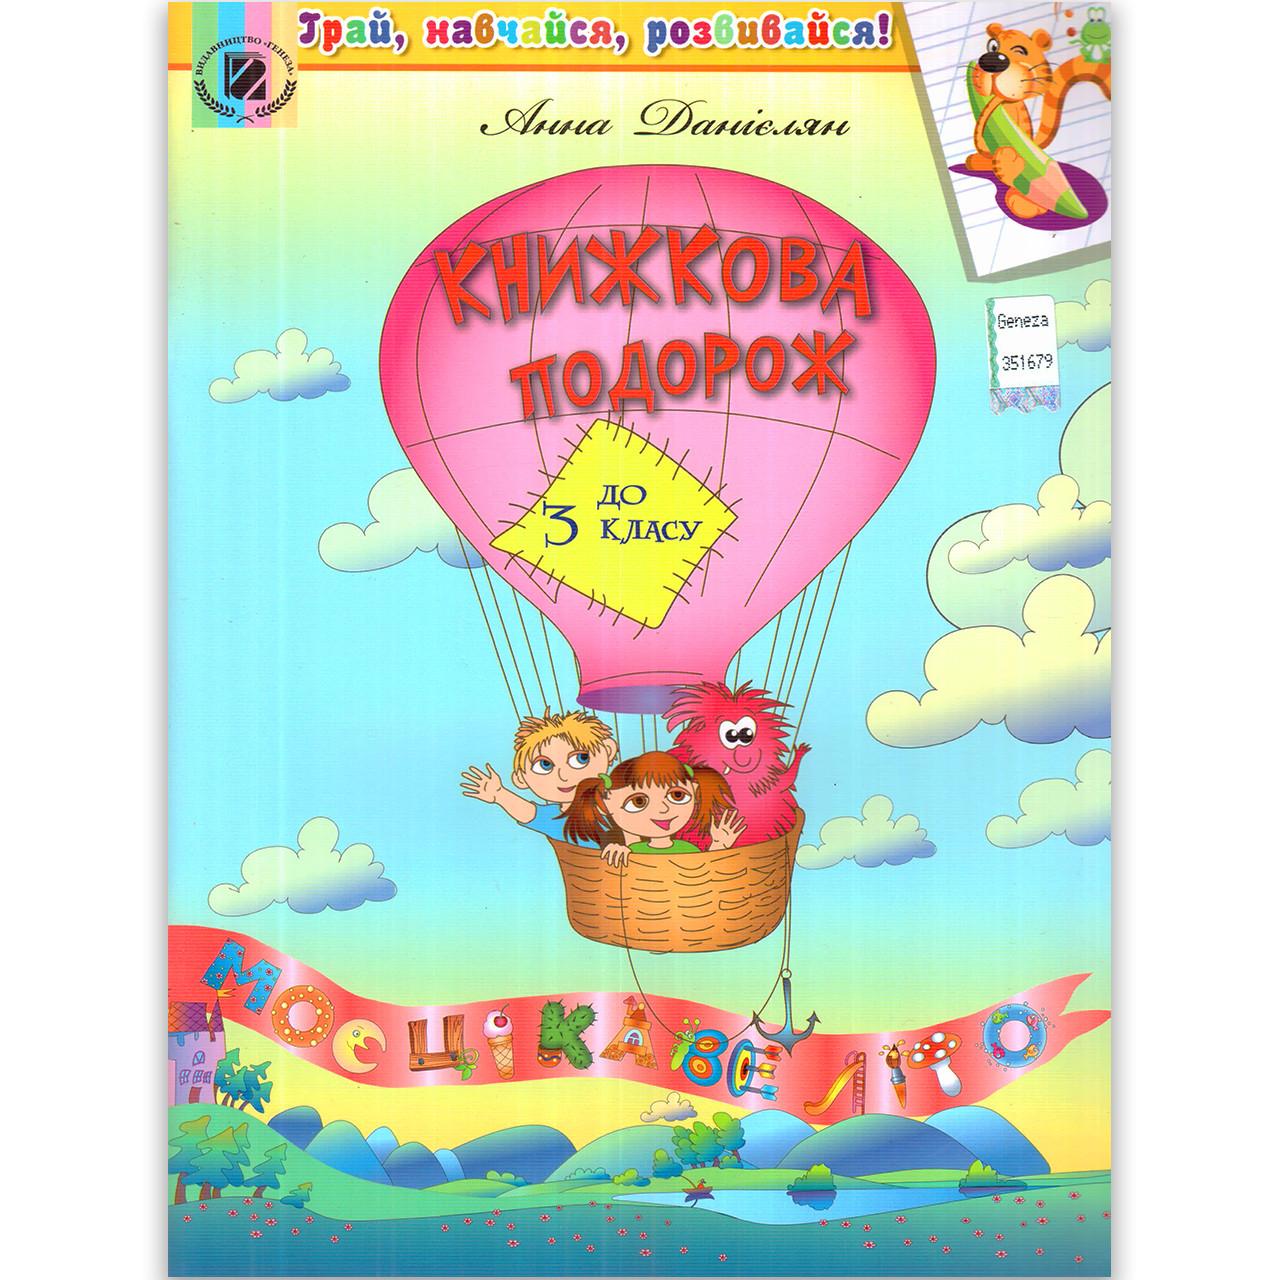 Літній зошит Книжкова подорож до 3 класу Авт: Данієлян А. Вид: Генеза